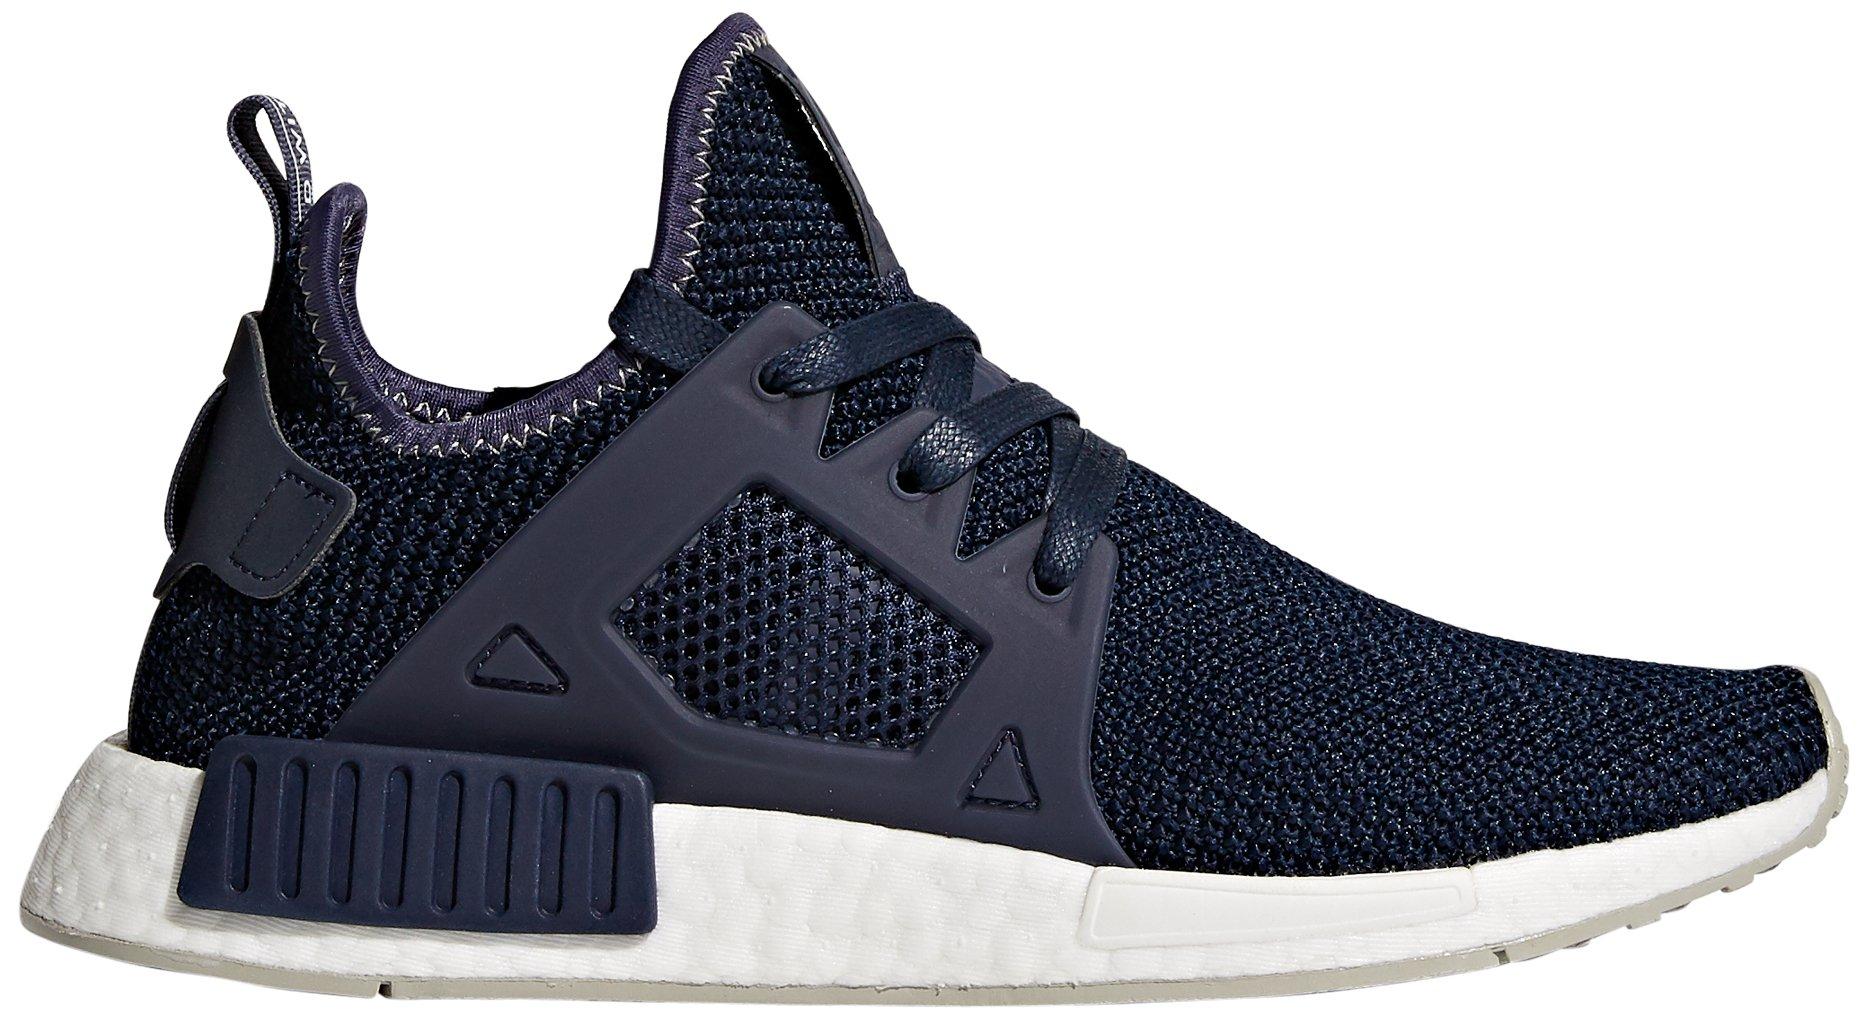 daa4e25b4 adidas Originals Women s NMD xr1 W Sneaker Running Shoe Trace Blue Sesame